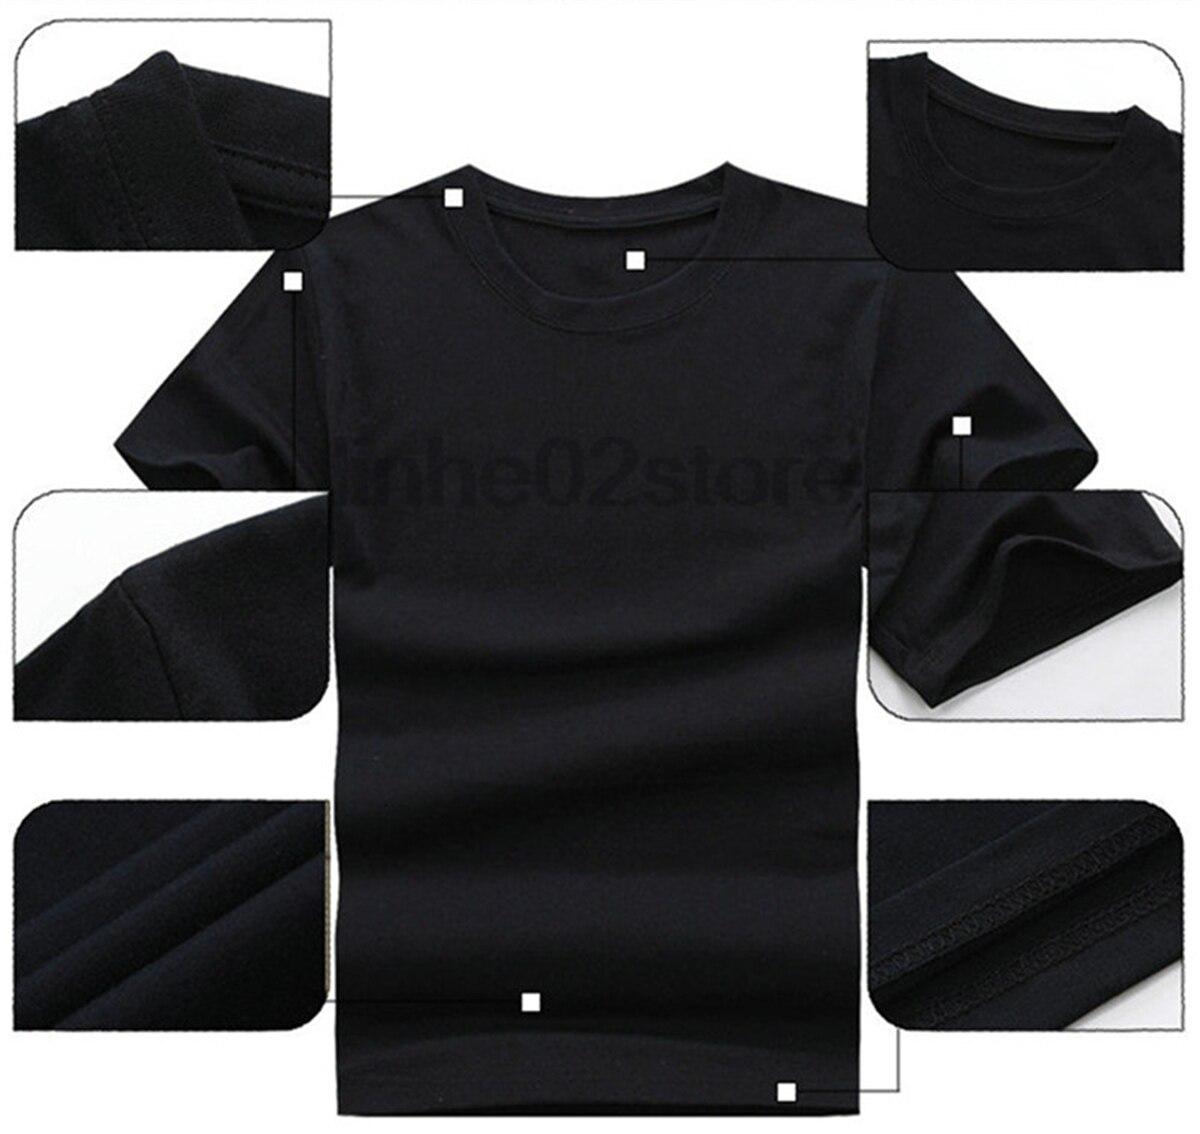 Возьмите Любовь Надежда аутизма почему я люблю тебя чрезвычайно полезным мама футболка Горячая Для женщин футболка